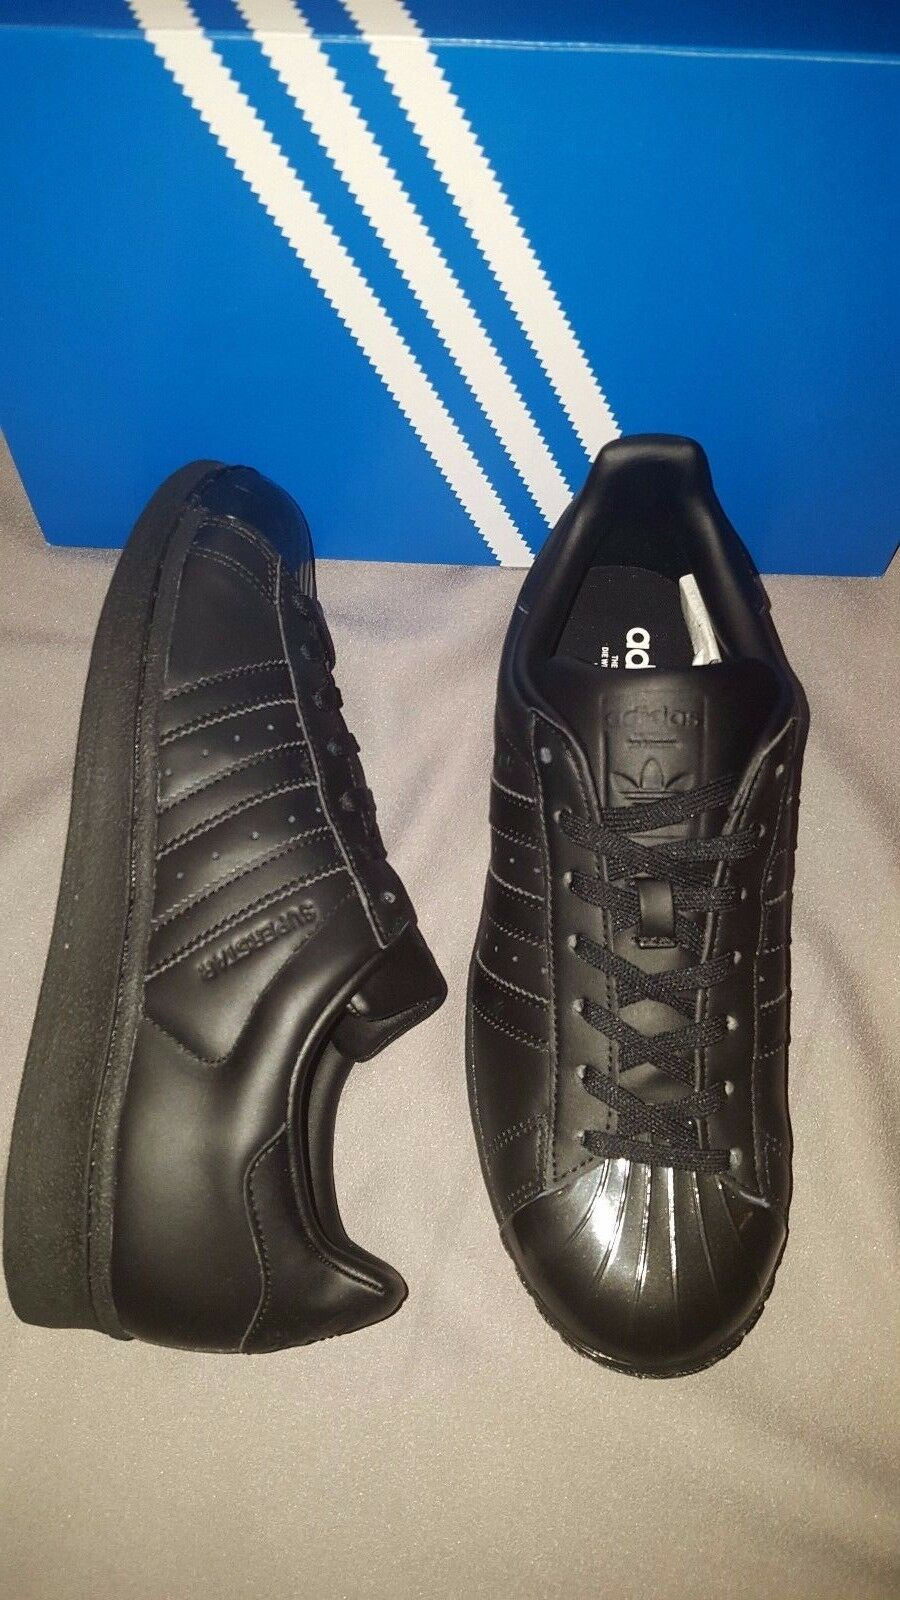 adidas superstar glänzend die us w schwarz bb0684 womens us die - 8,5 neue mit box c9fc0d